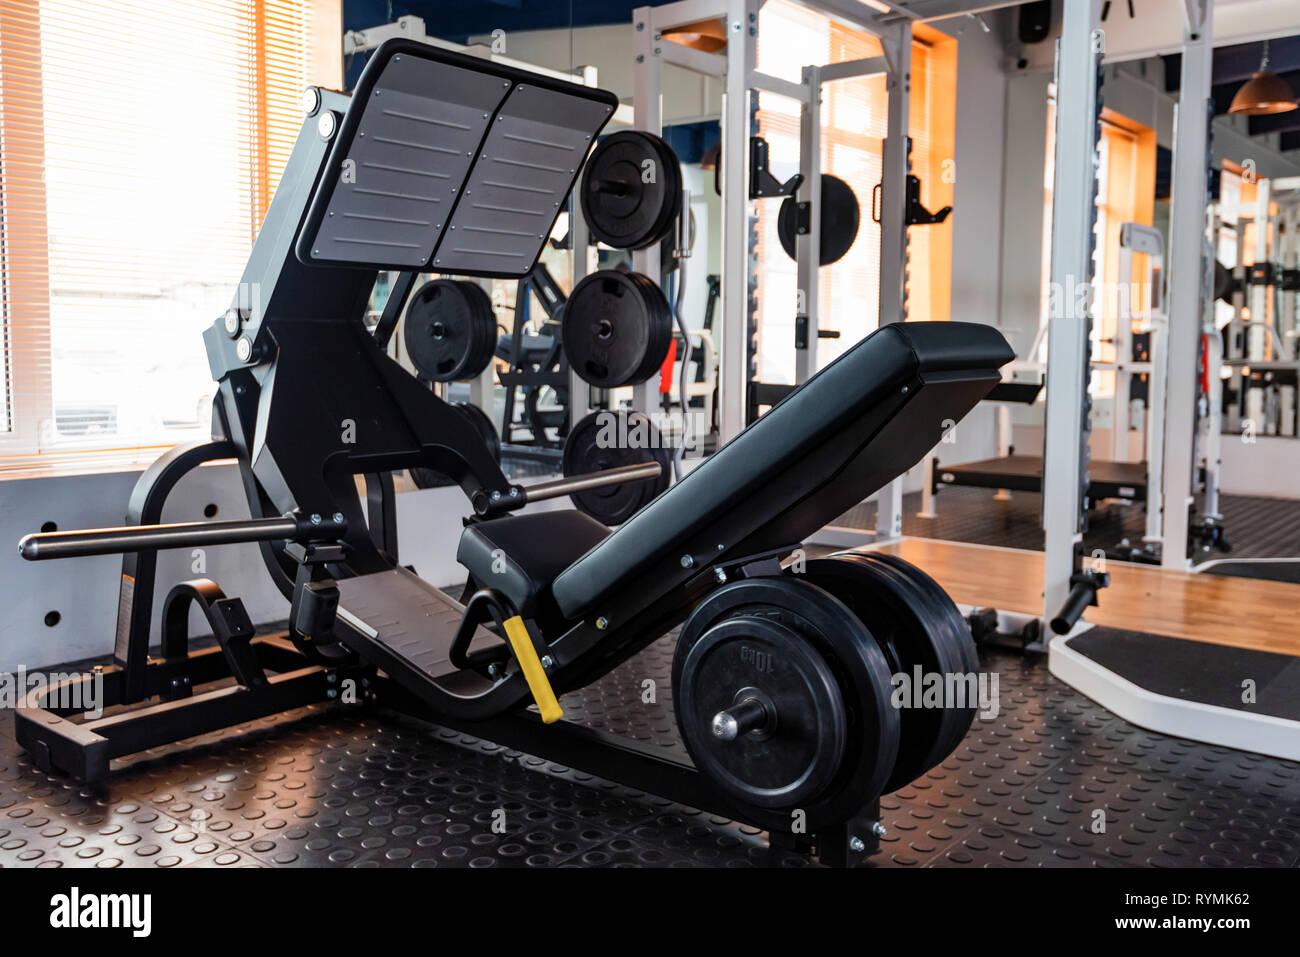 Appuyez sur la jambe vide machine d'exercice dans une salle de sport moderne Photo Stock